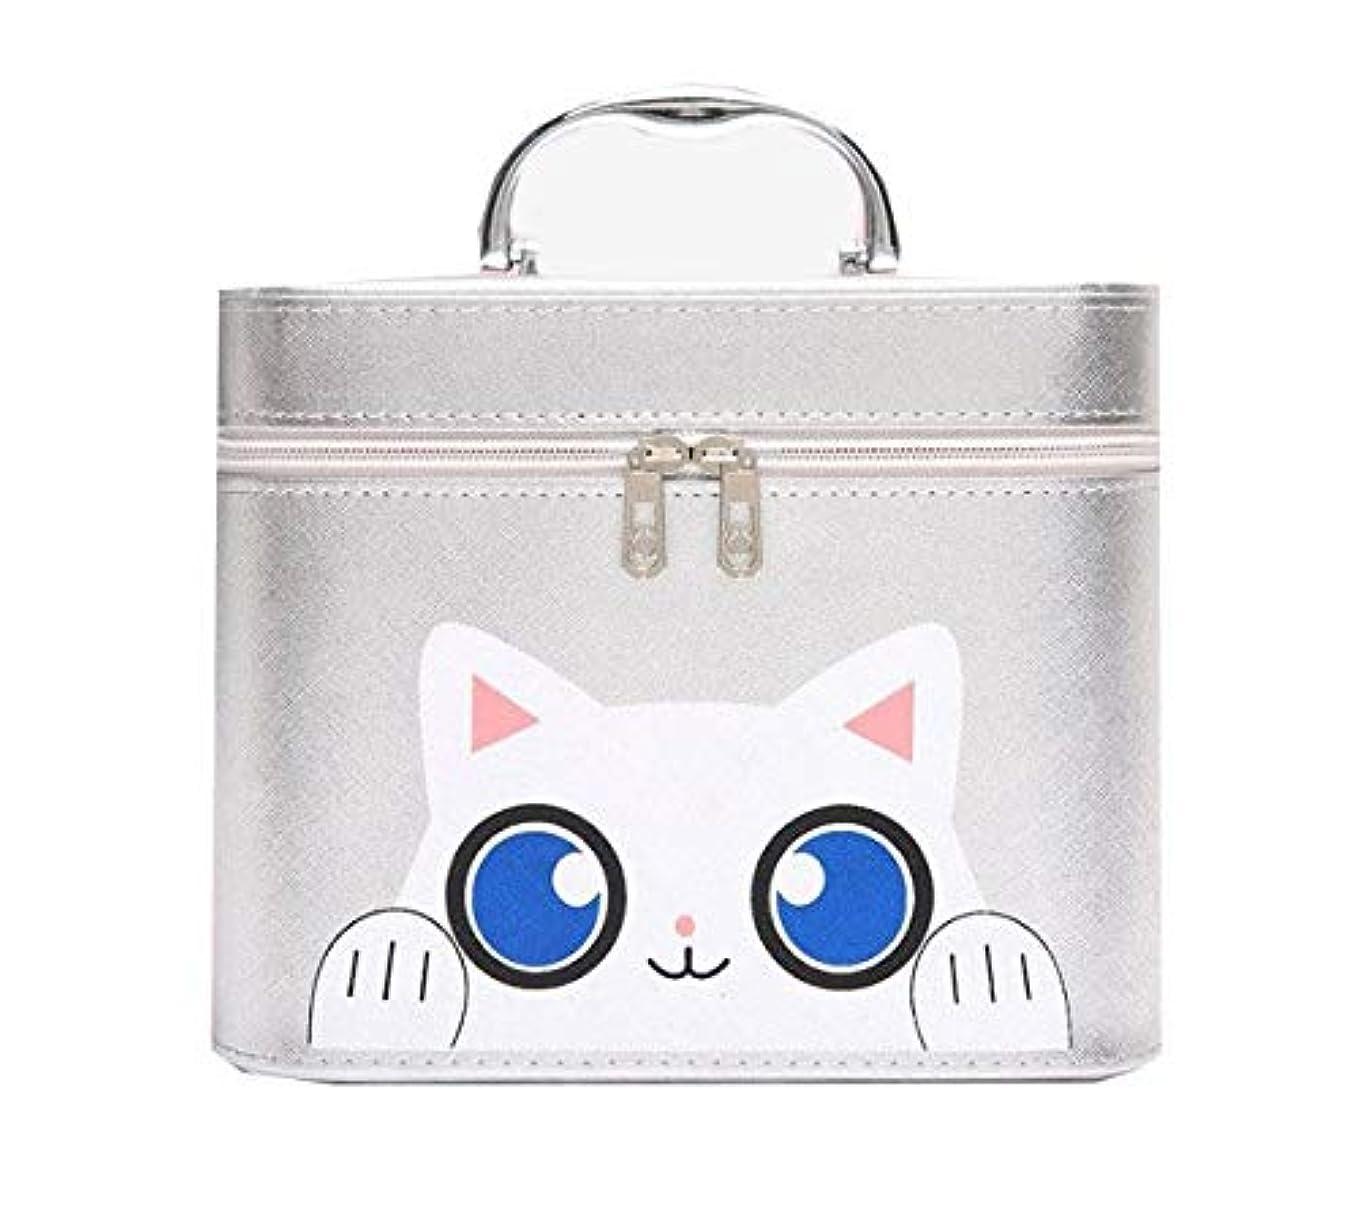 鳴り響くハック偽装する化粧箱、シルバー漫画猫化粧品ケース、ポータブル旅行化粧品ケース、美容ネイルジュエリー収納ボックス (Size : L)